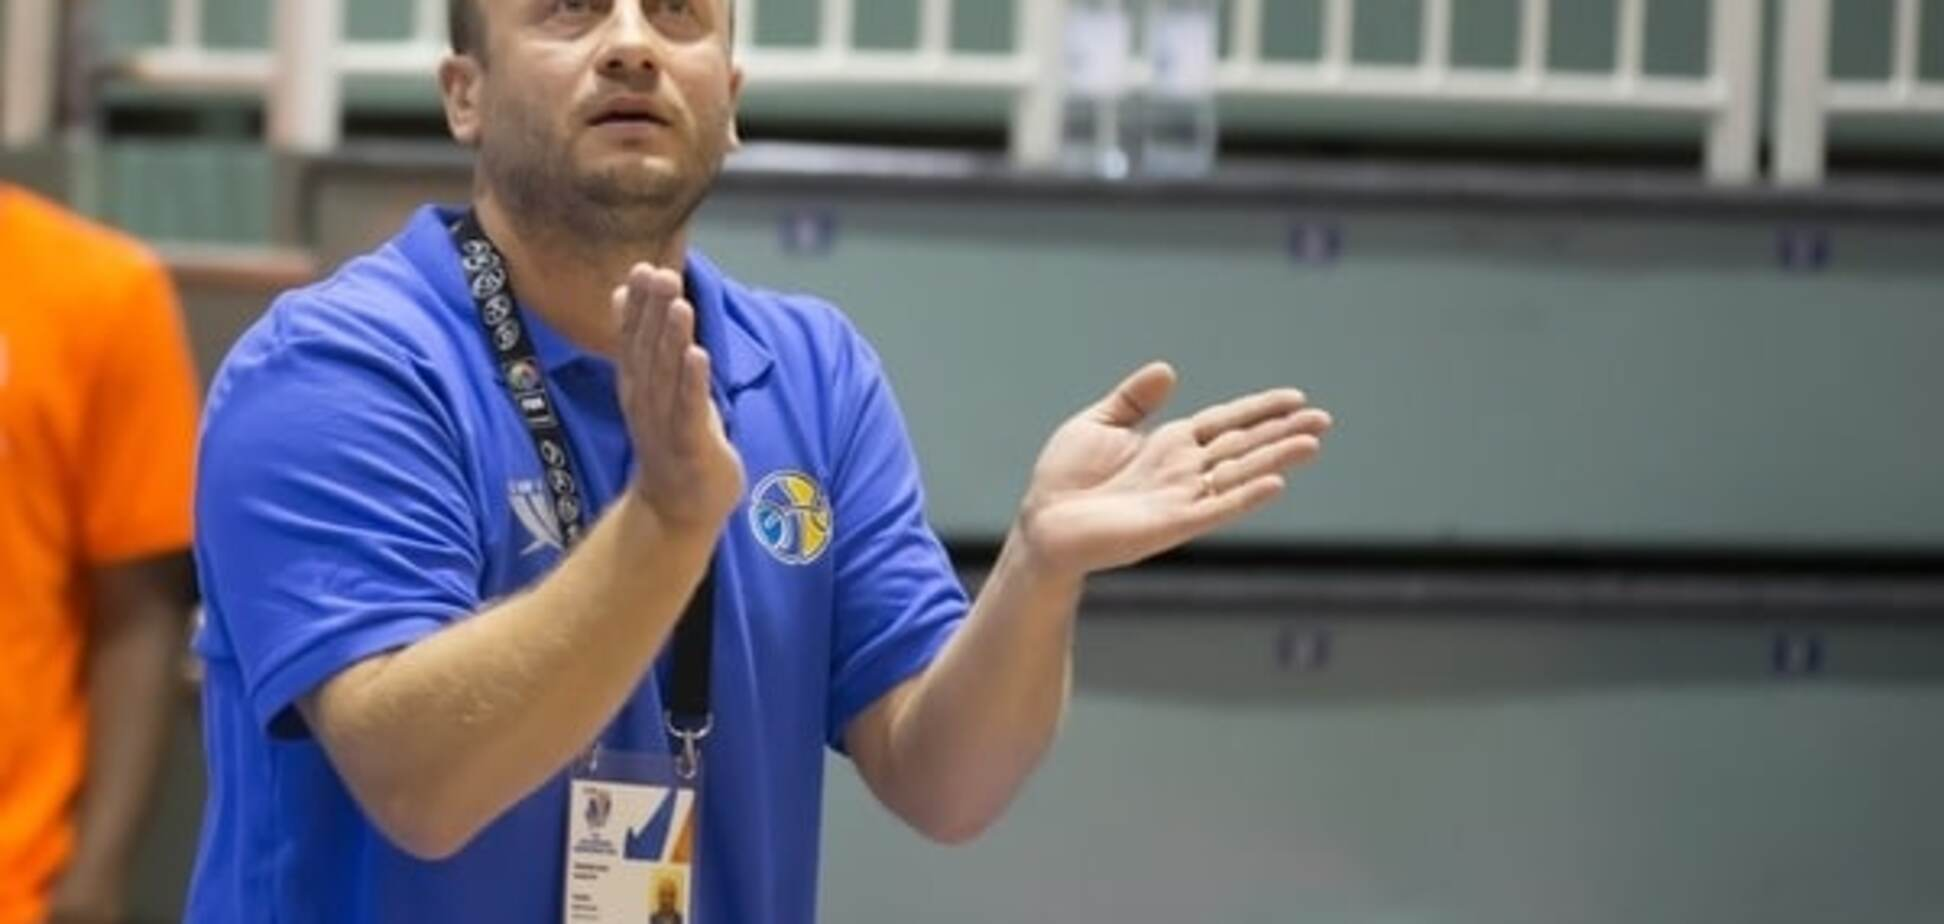 Міхельсон: вибачте за те, що не змогли привезти в Україну нагороди Євробаскету